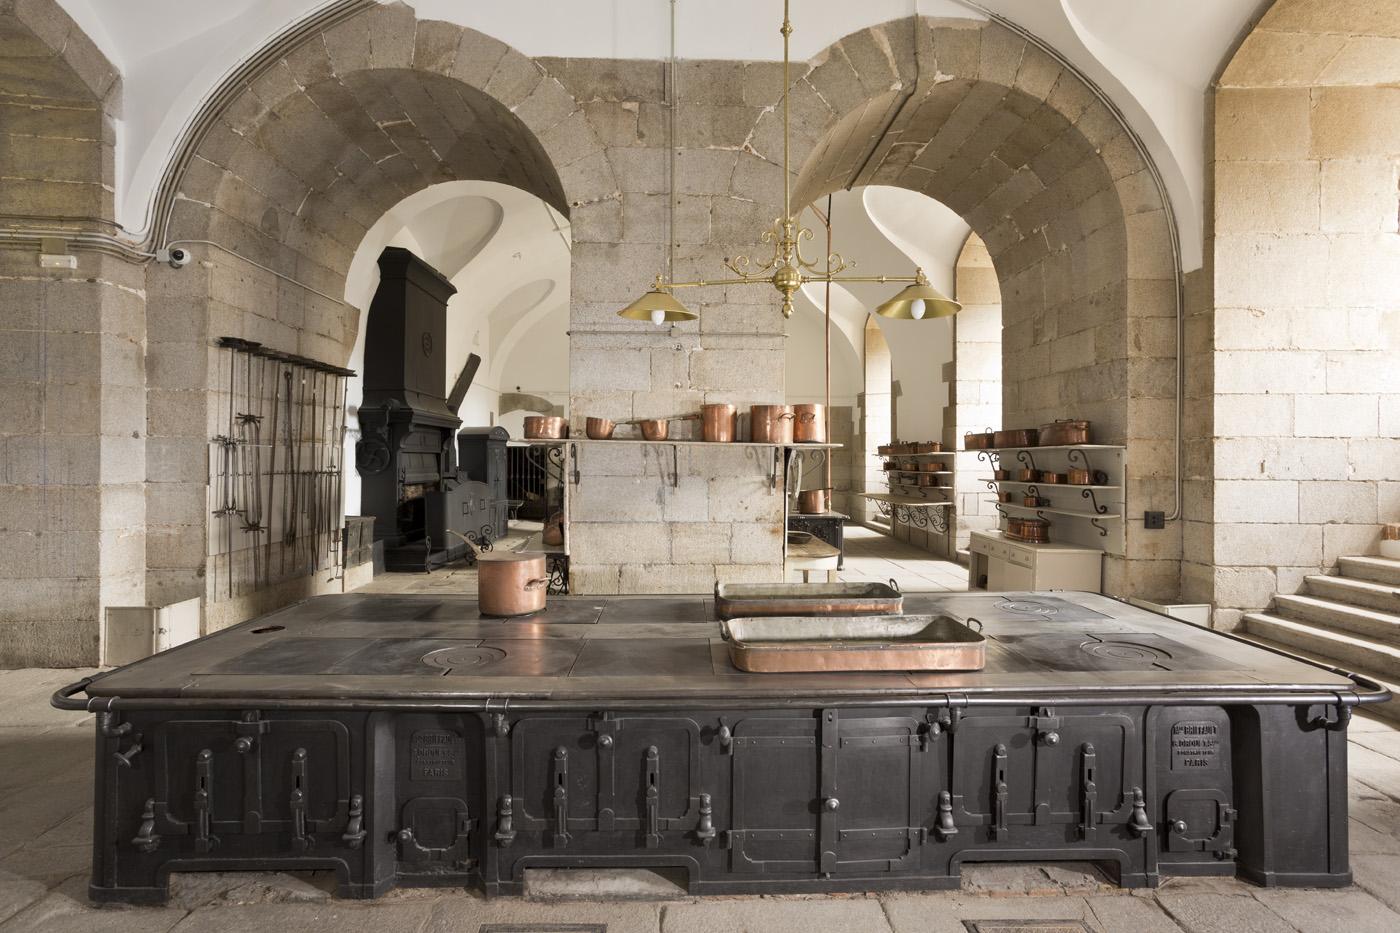 cocina palacio real de madrid